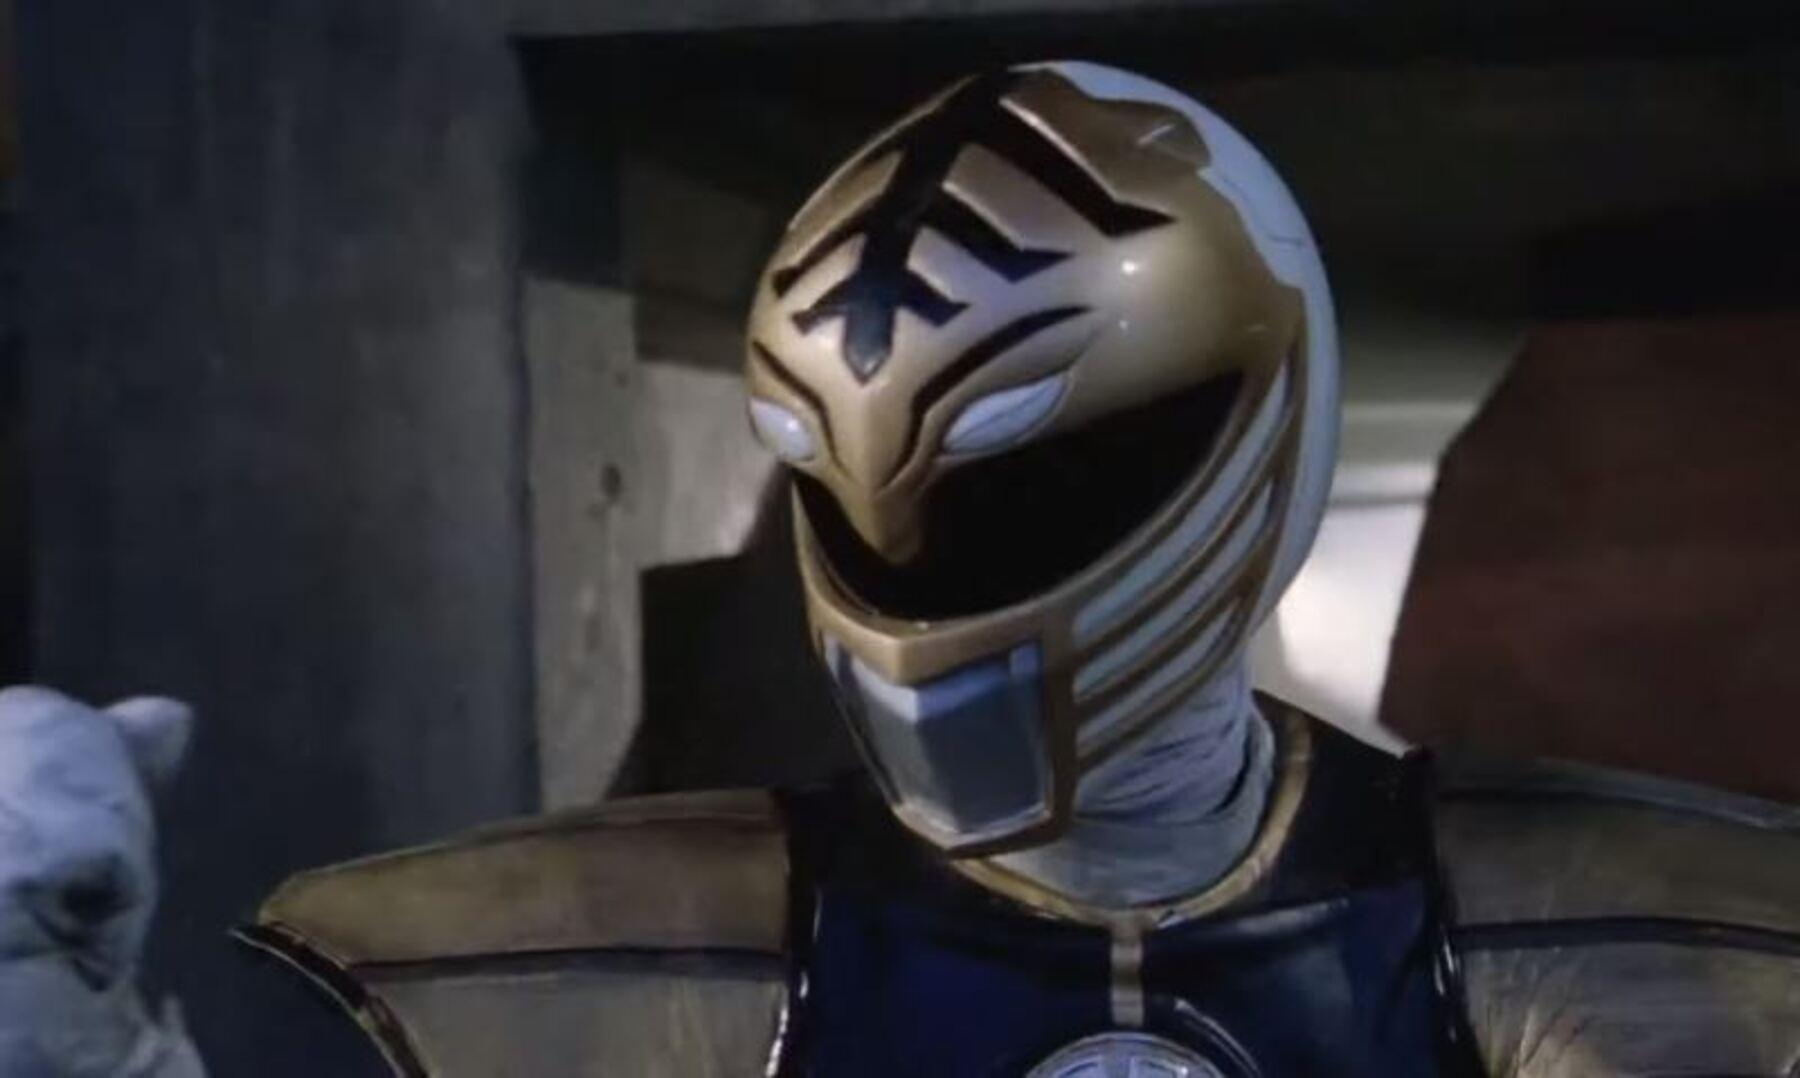 File:Movie-whiteranger.jpg